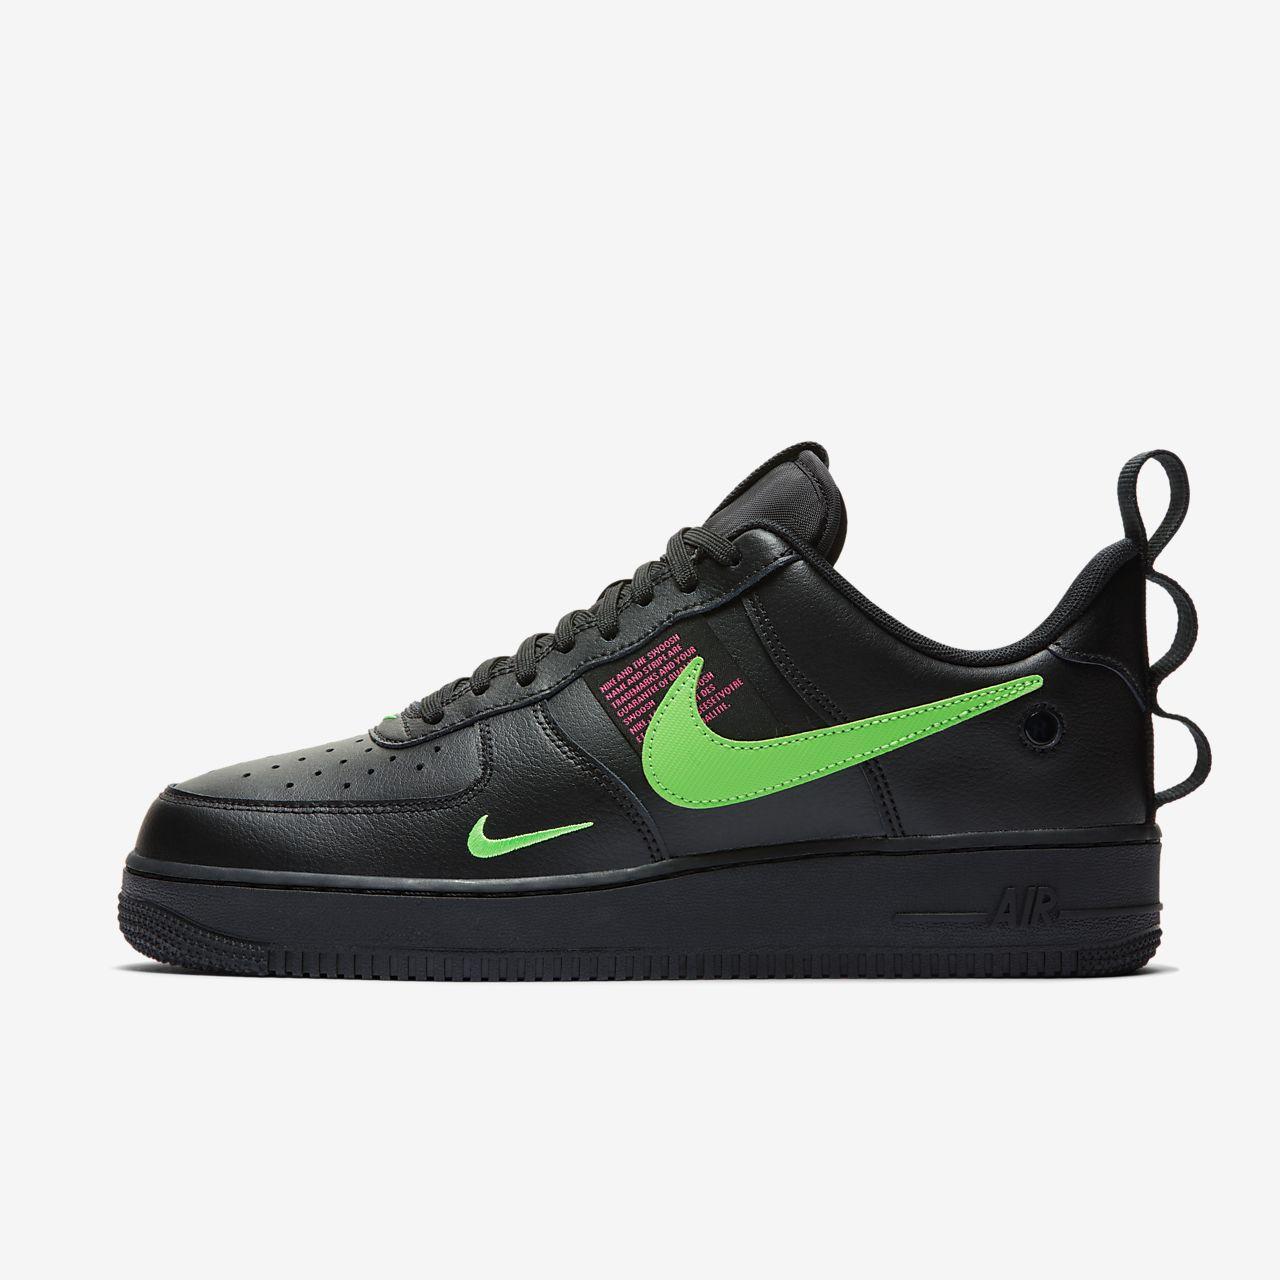 Nike Air Force 1 LV8 UL herresko